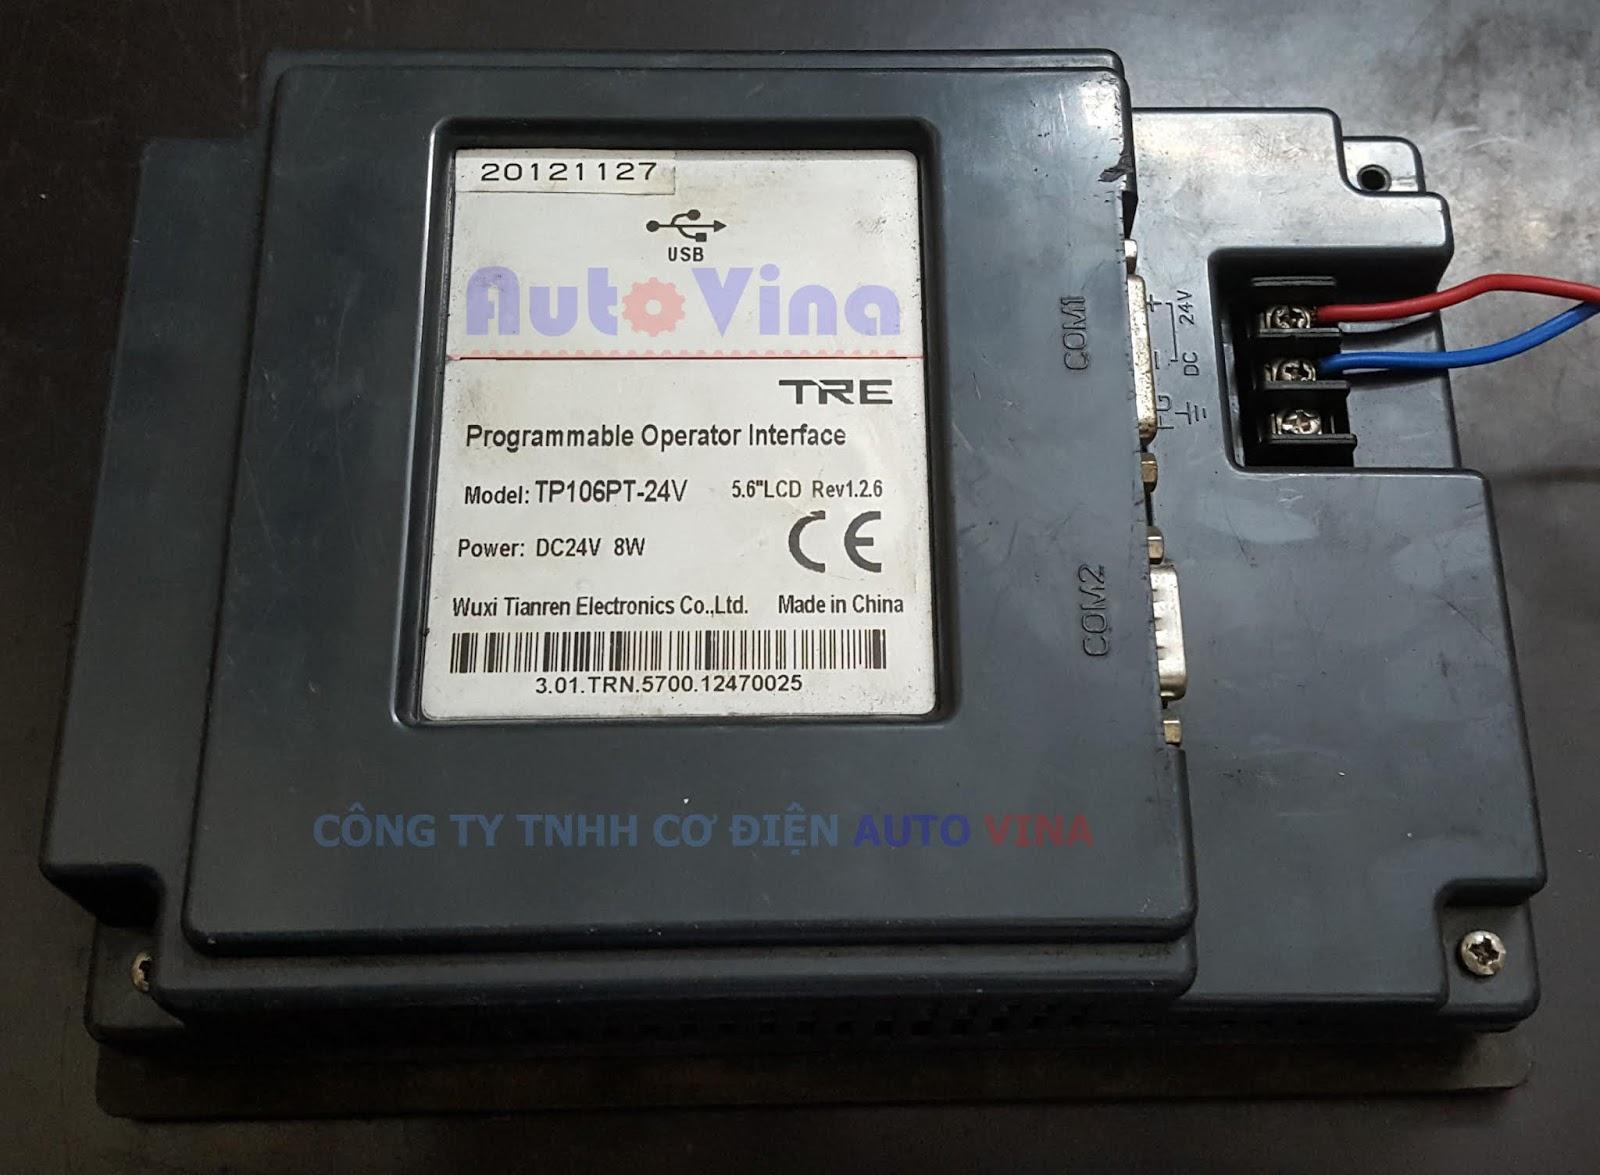 Sửa chữa màn hình TP106PT-24V, màn hình mất nguồn, màn hình không cảm ứng